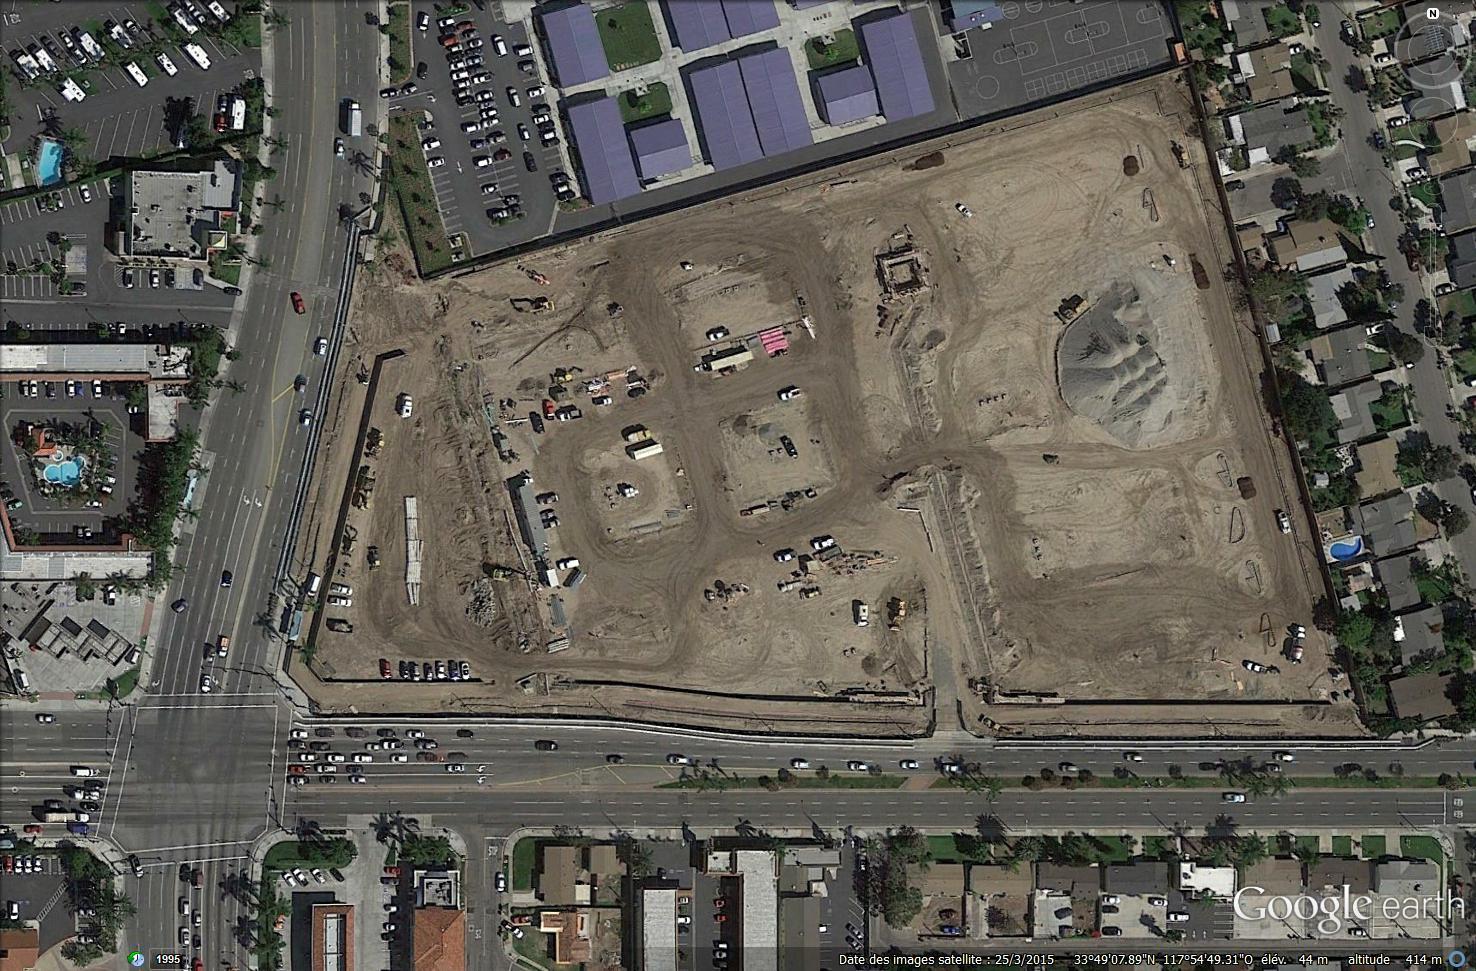 [Disneyland Resort] Projet de troisième parc et nouveaux parkings - Page 2 595174DLRfuturparkingCM